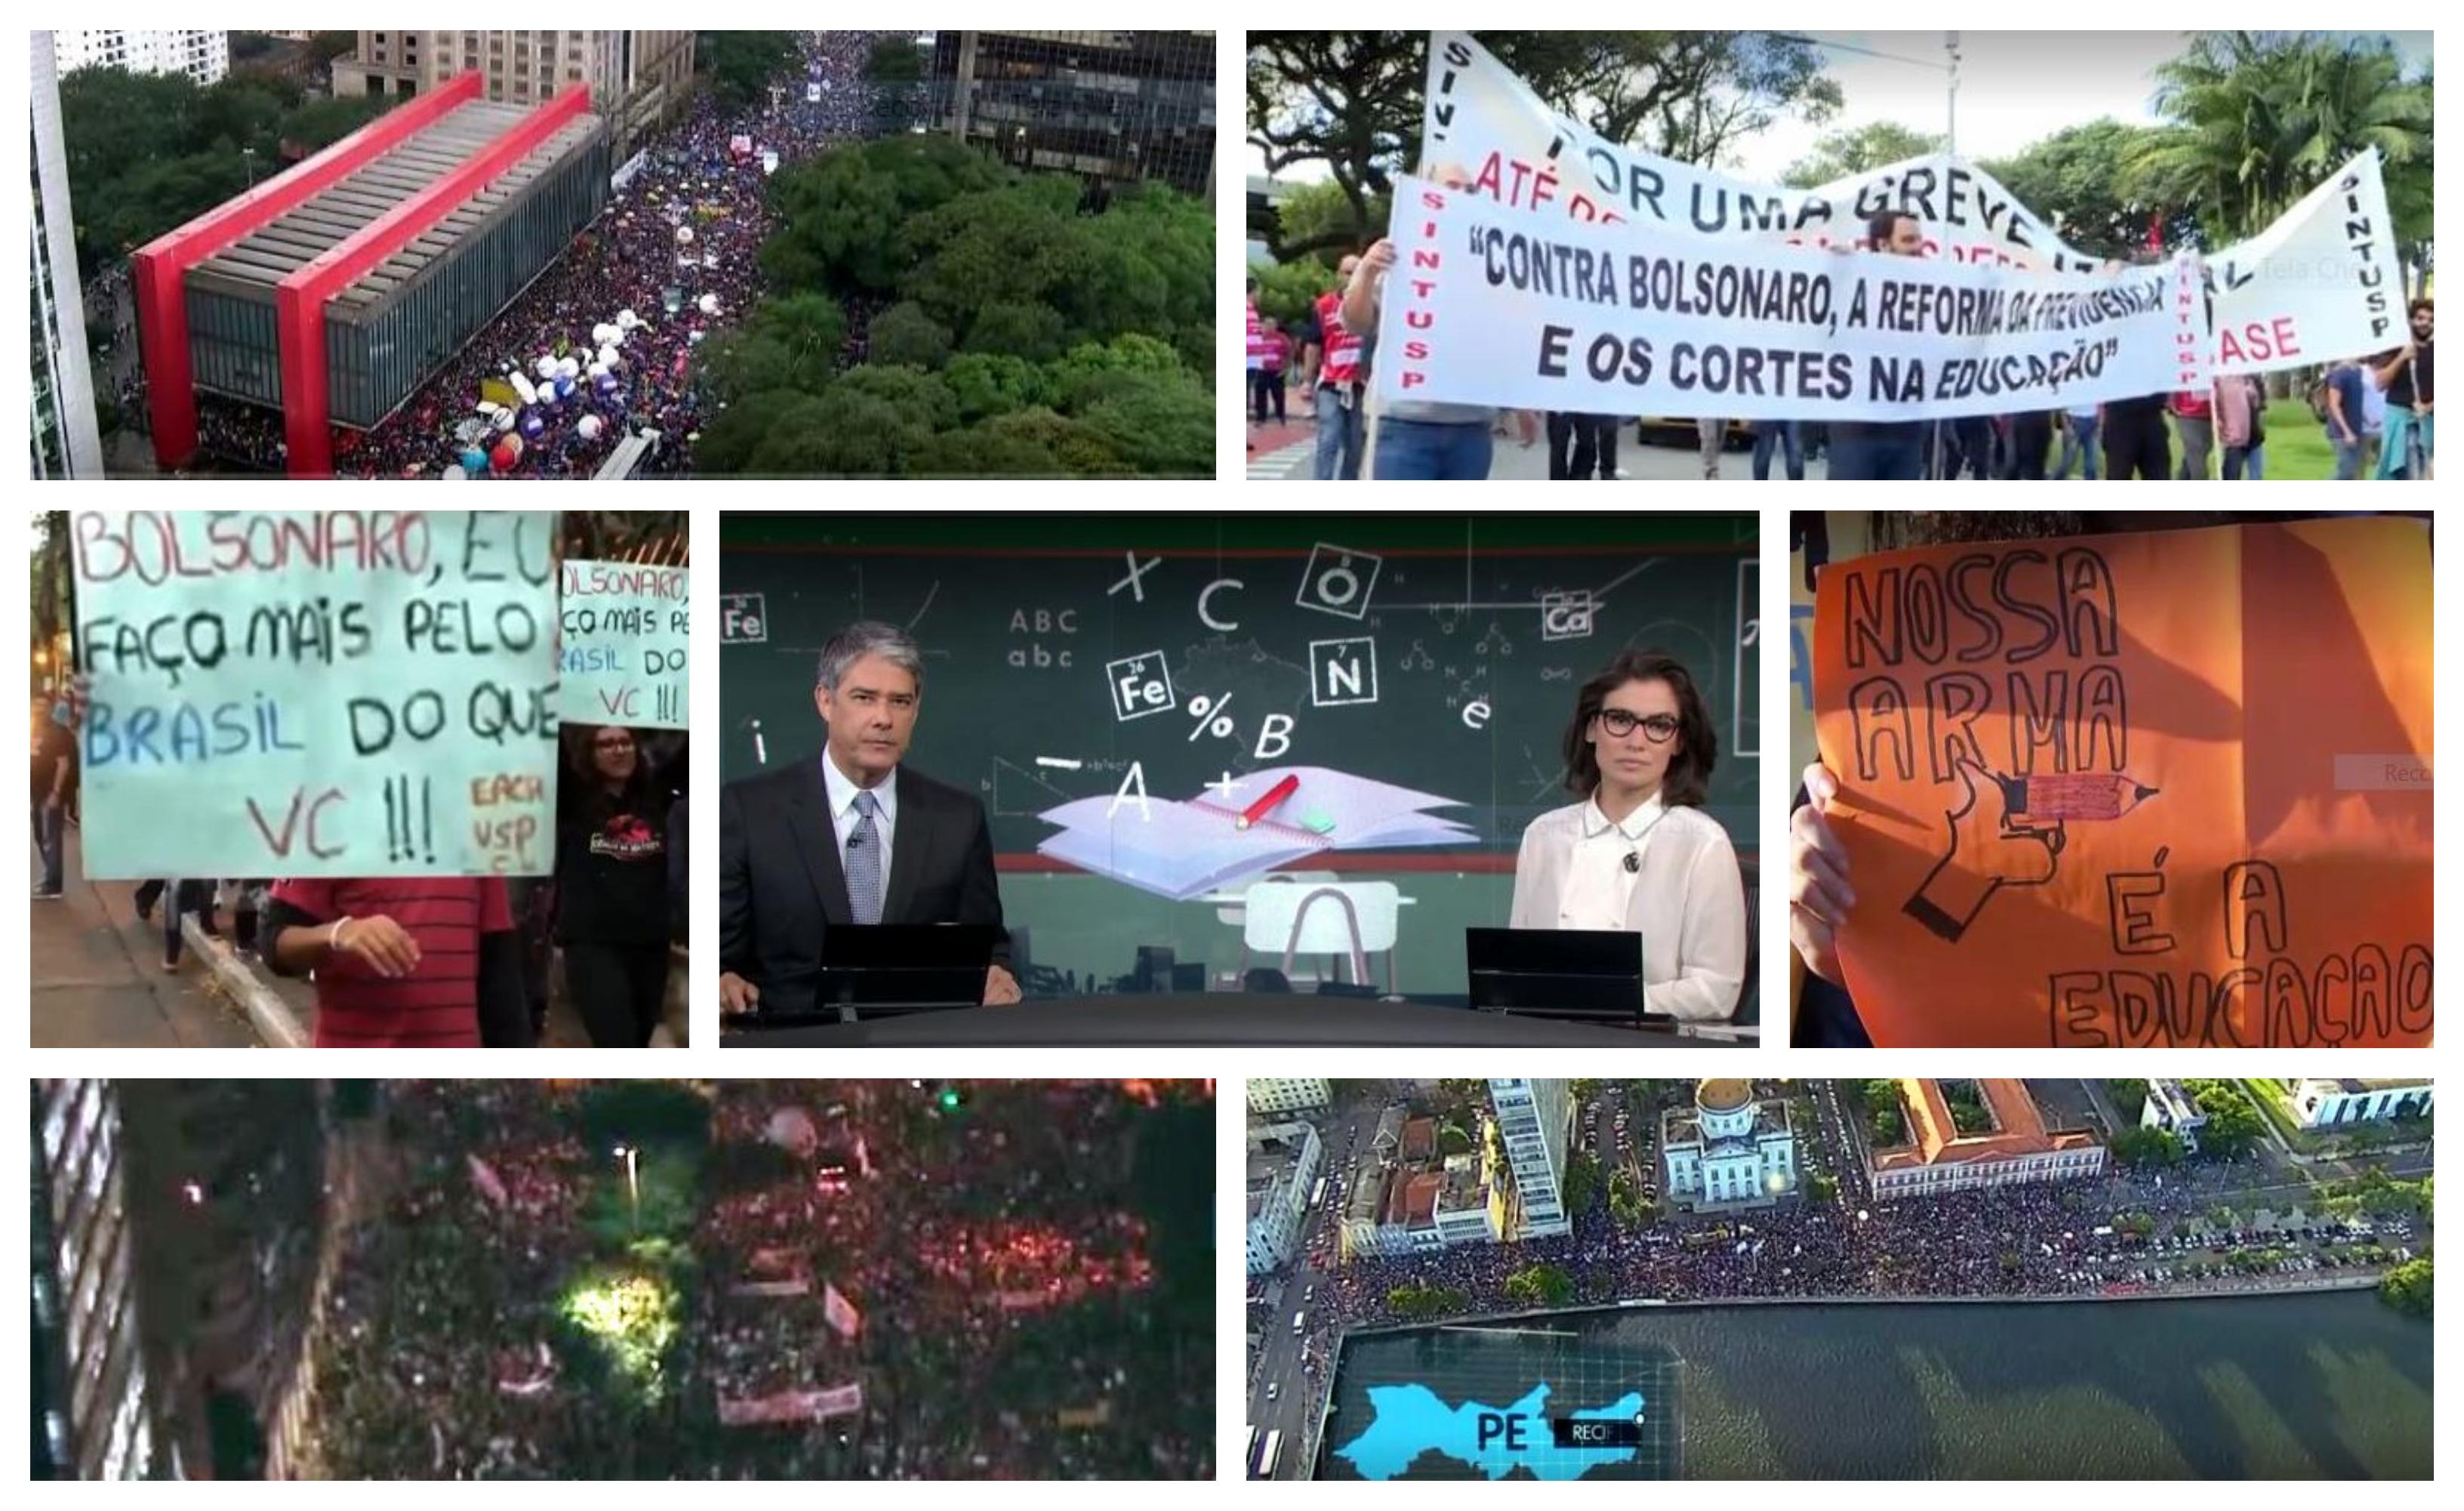 Ângela Carrato e Eliara Santana: Na disputa pelo poder, Globo usa jornalismo como moeda de troca